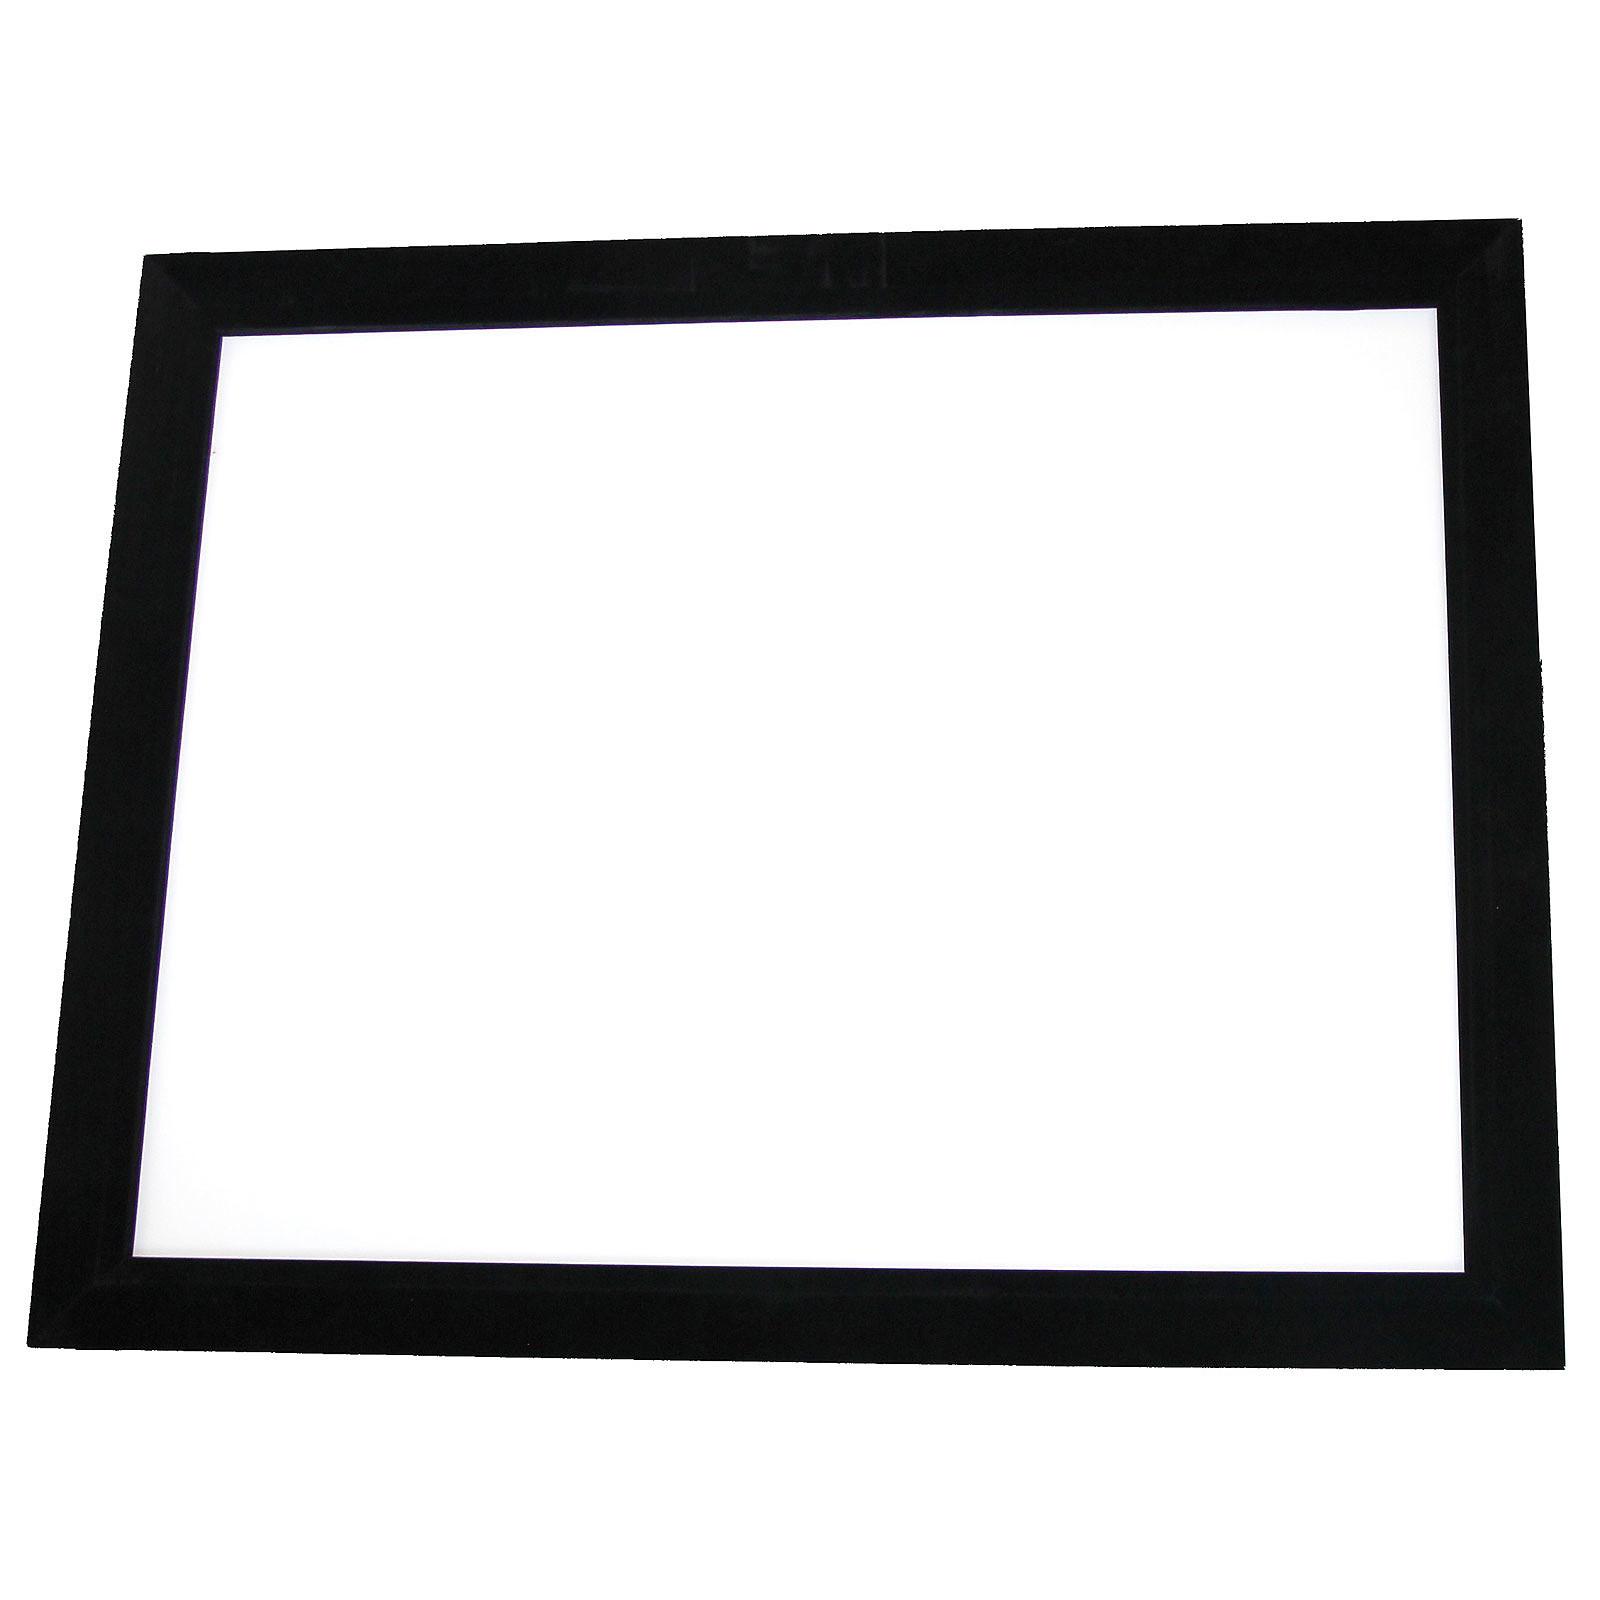 Oray CINEMAFRAME 16:9 - 169 x 300 cm